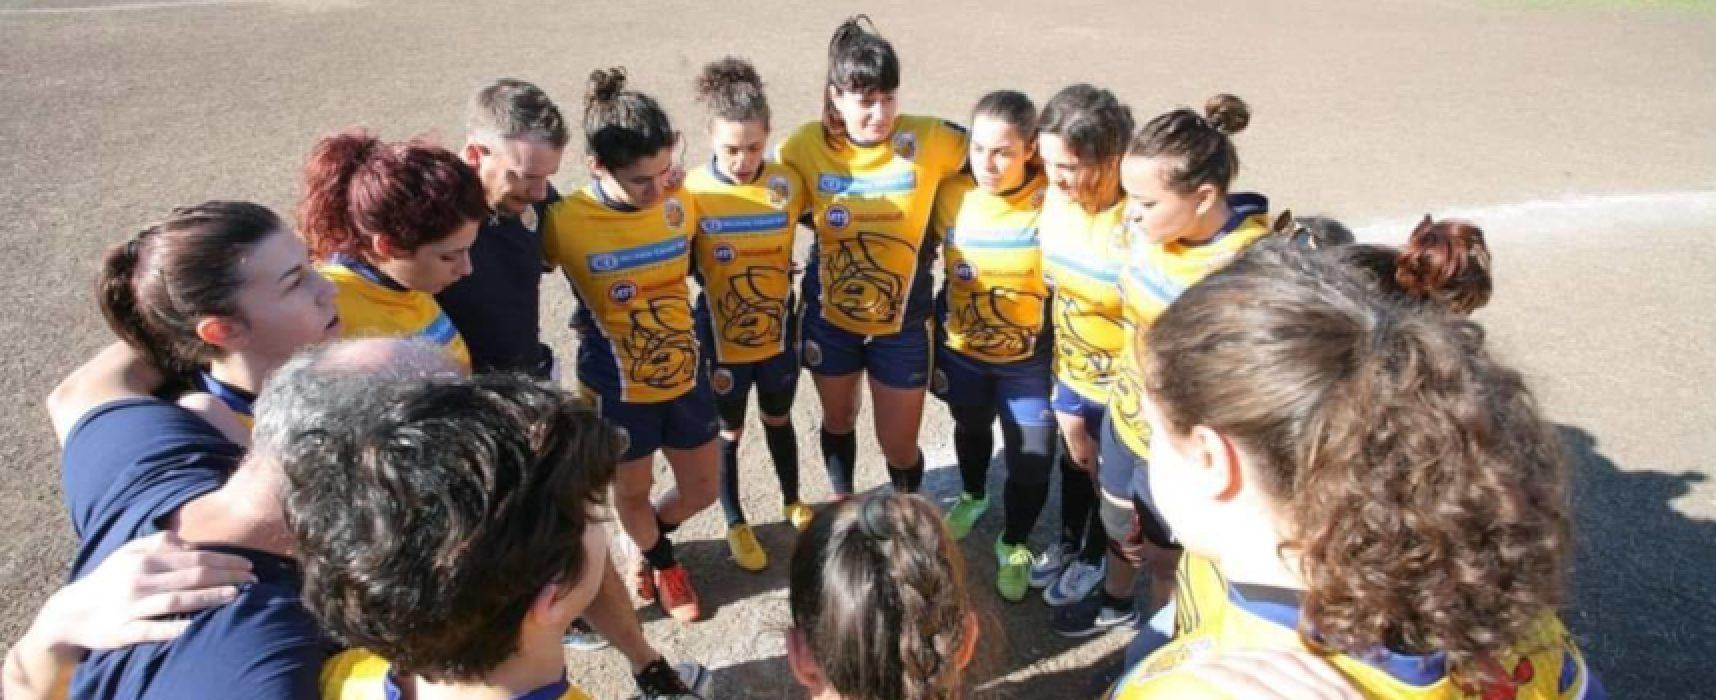 Oggi a Bisceglie rugby femminile con la decima tappa della Coppa Italia